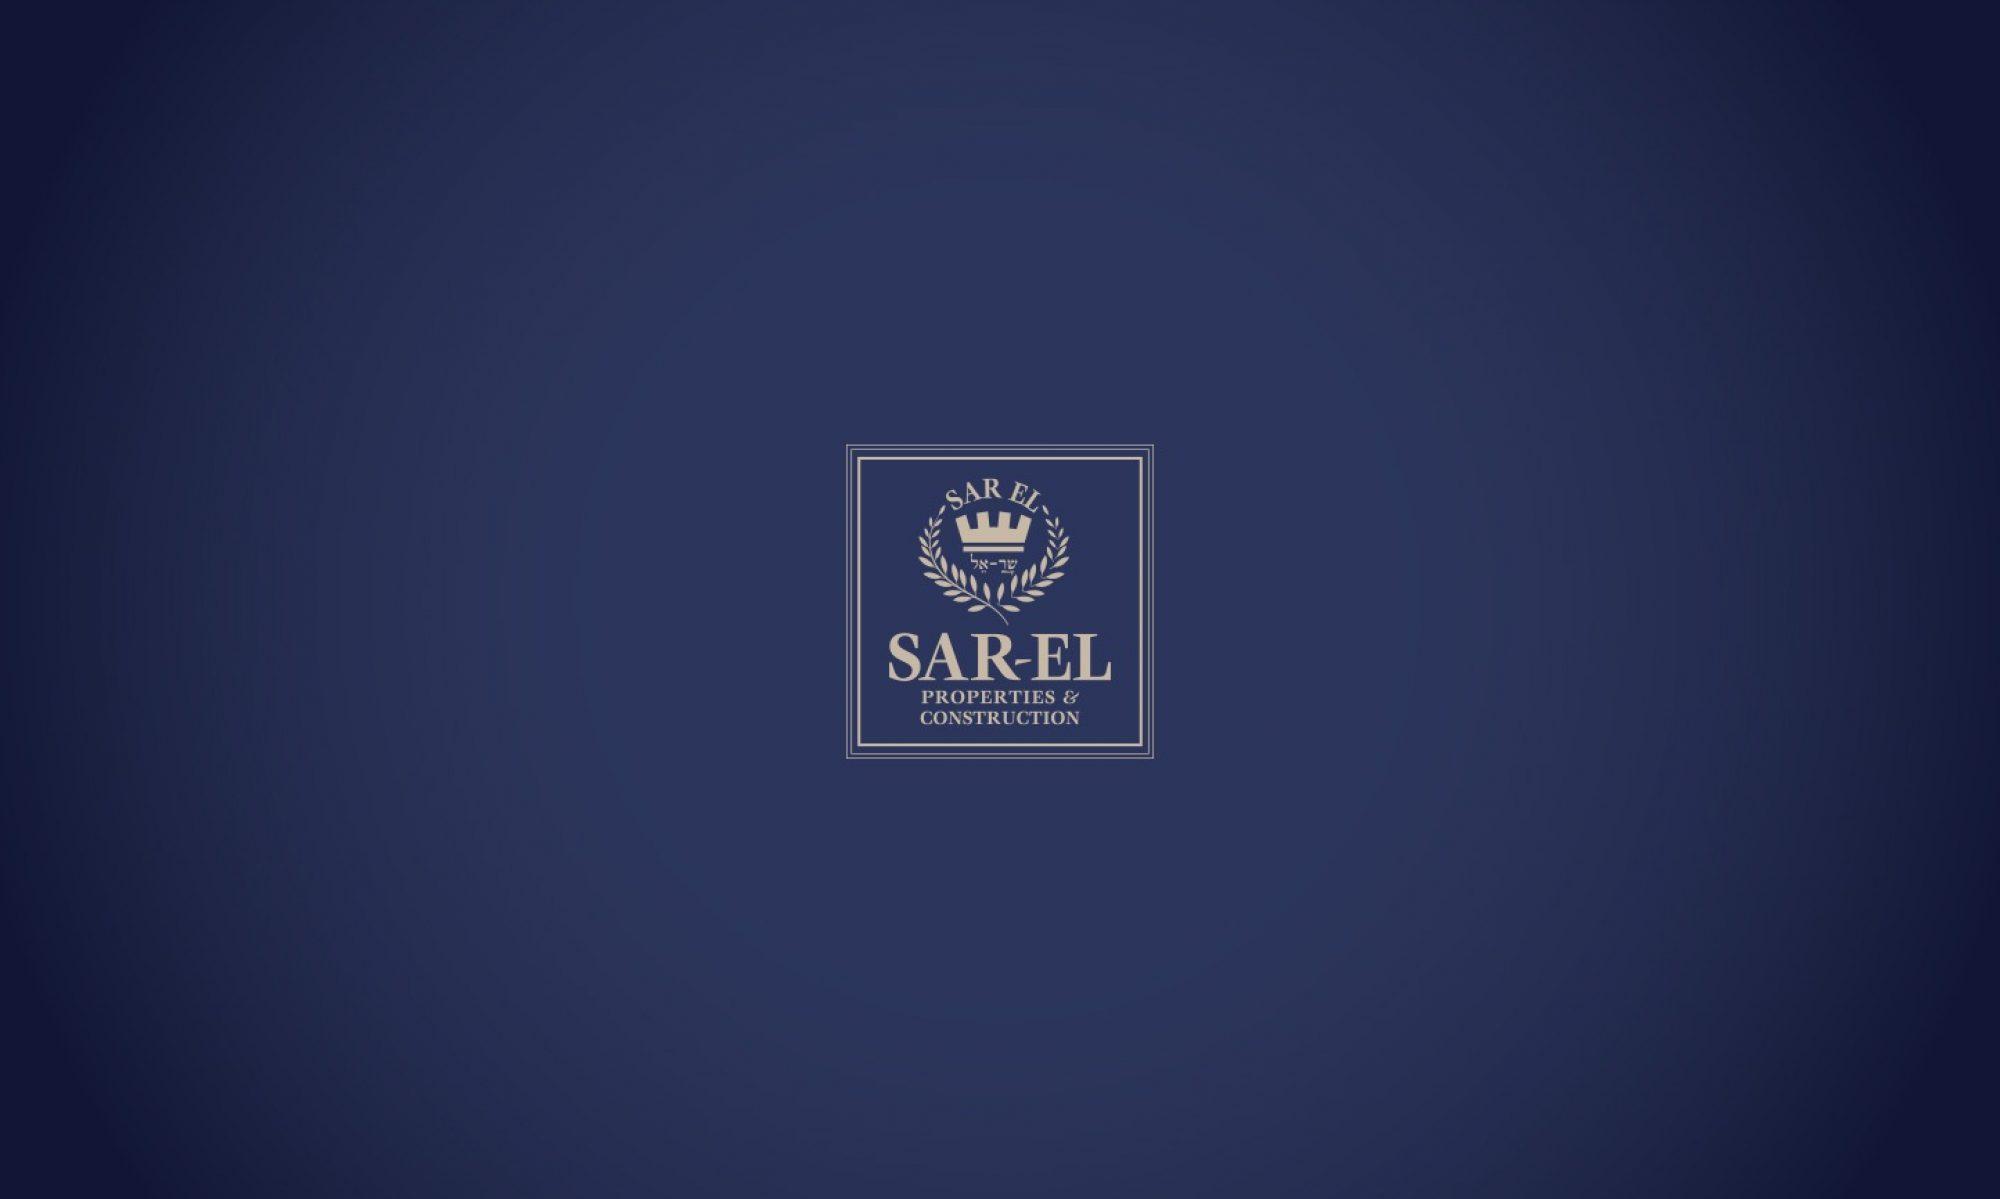 Sar-El Properties & Constructions